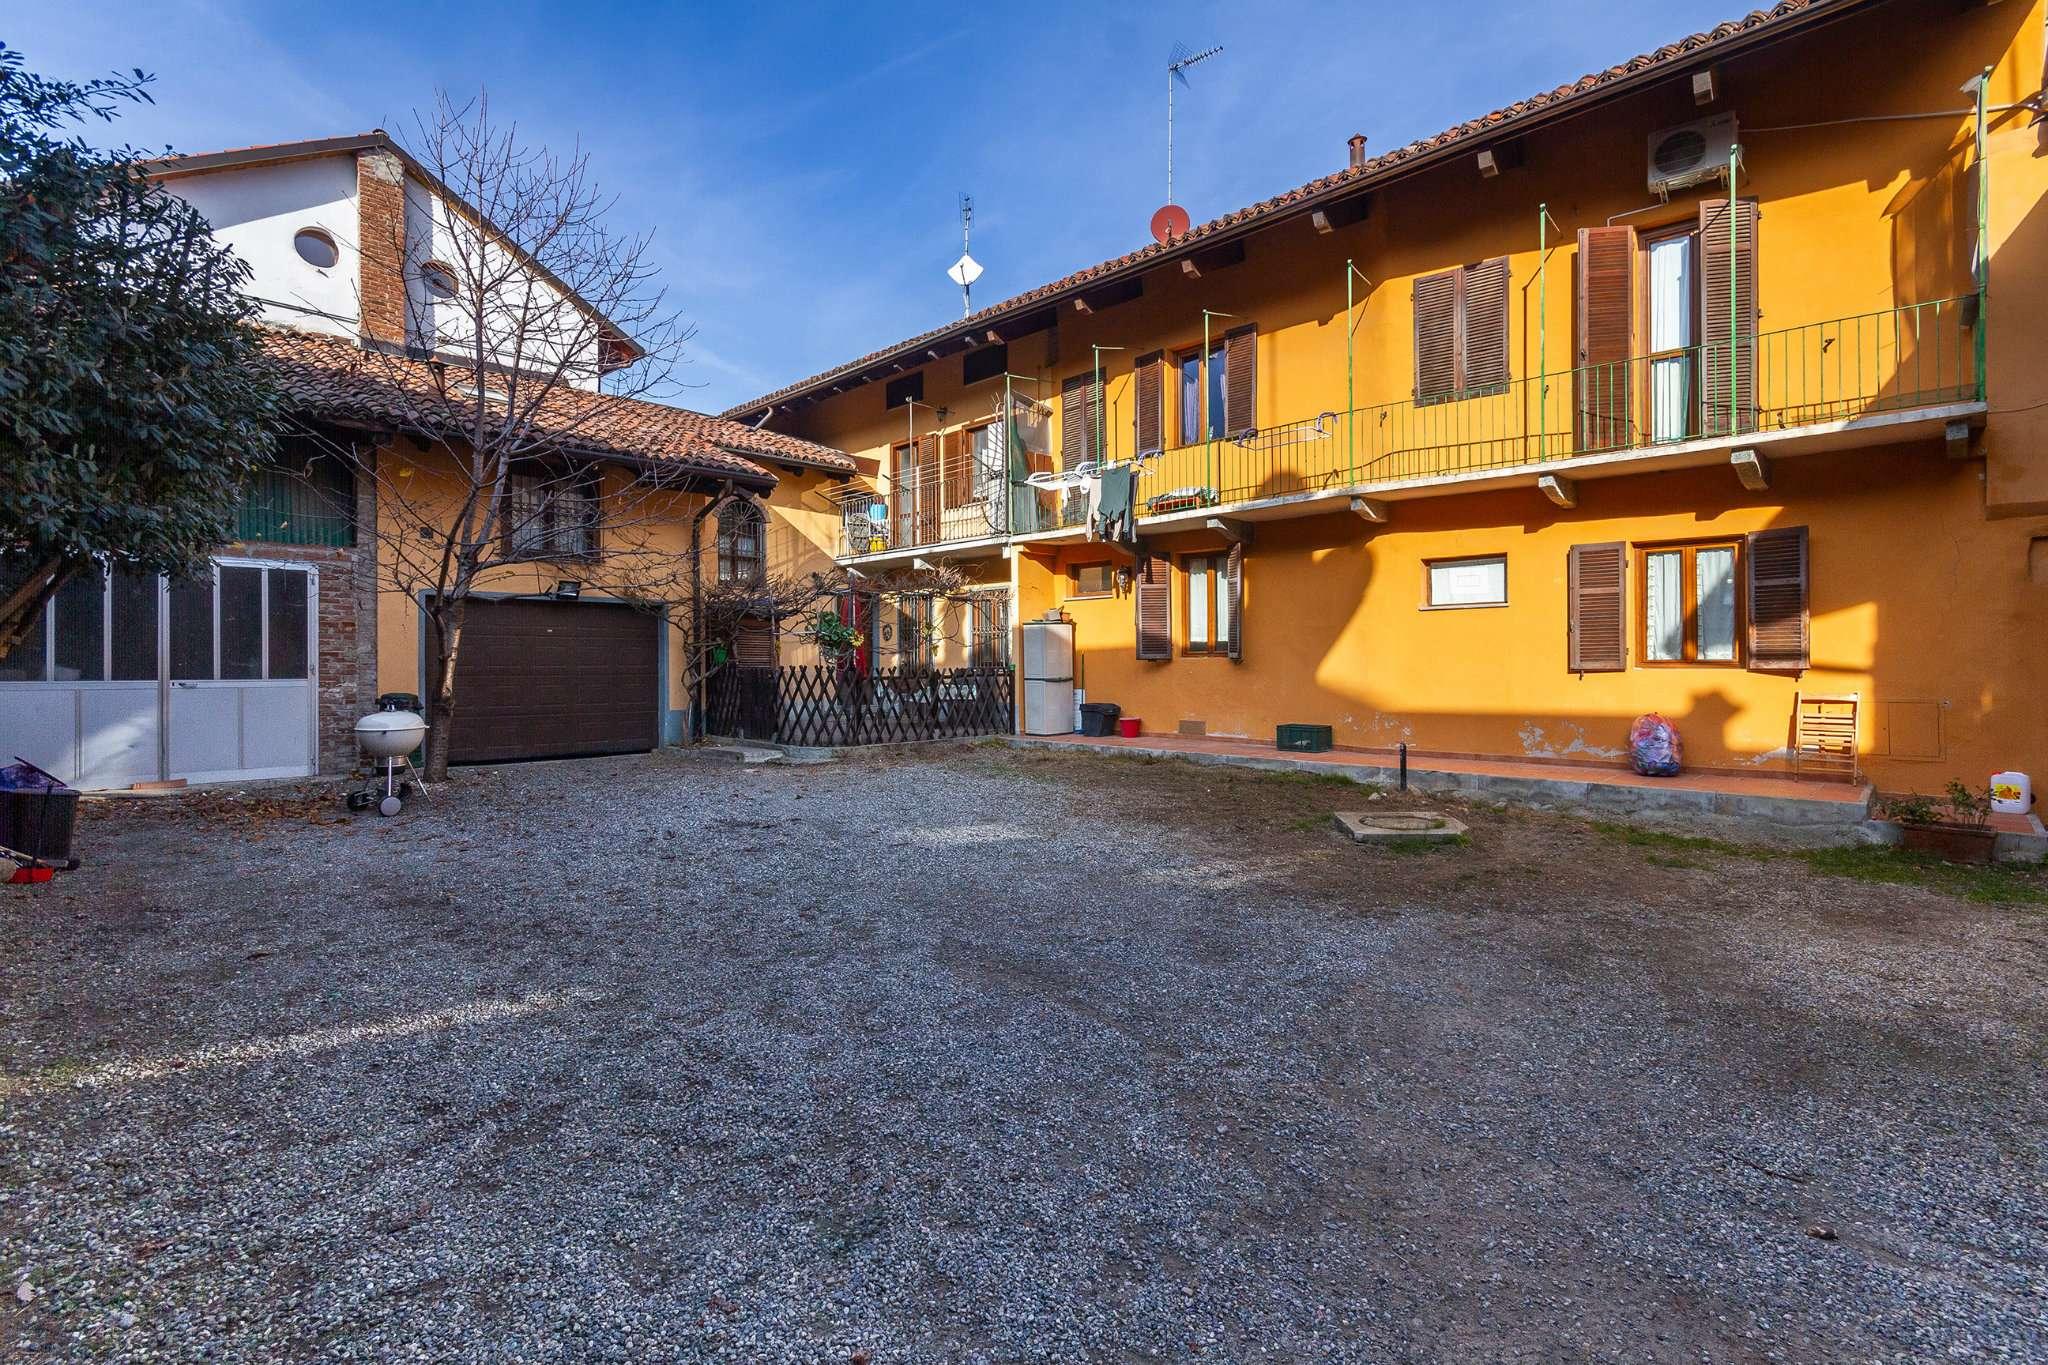 Villetta a Schiera in vendita via Viotti 8 Rivoli